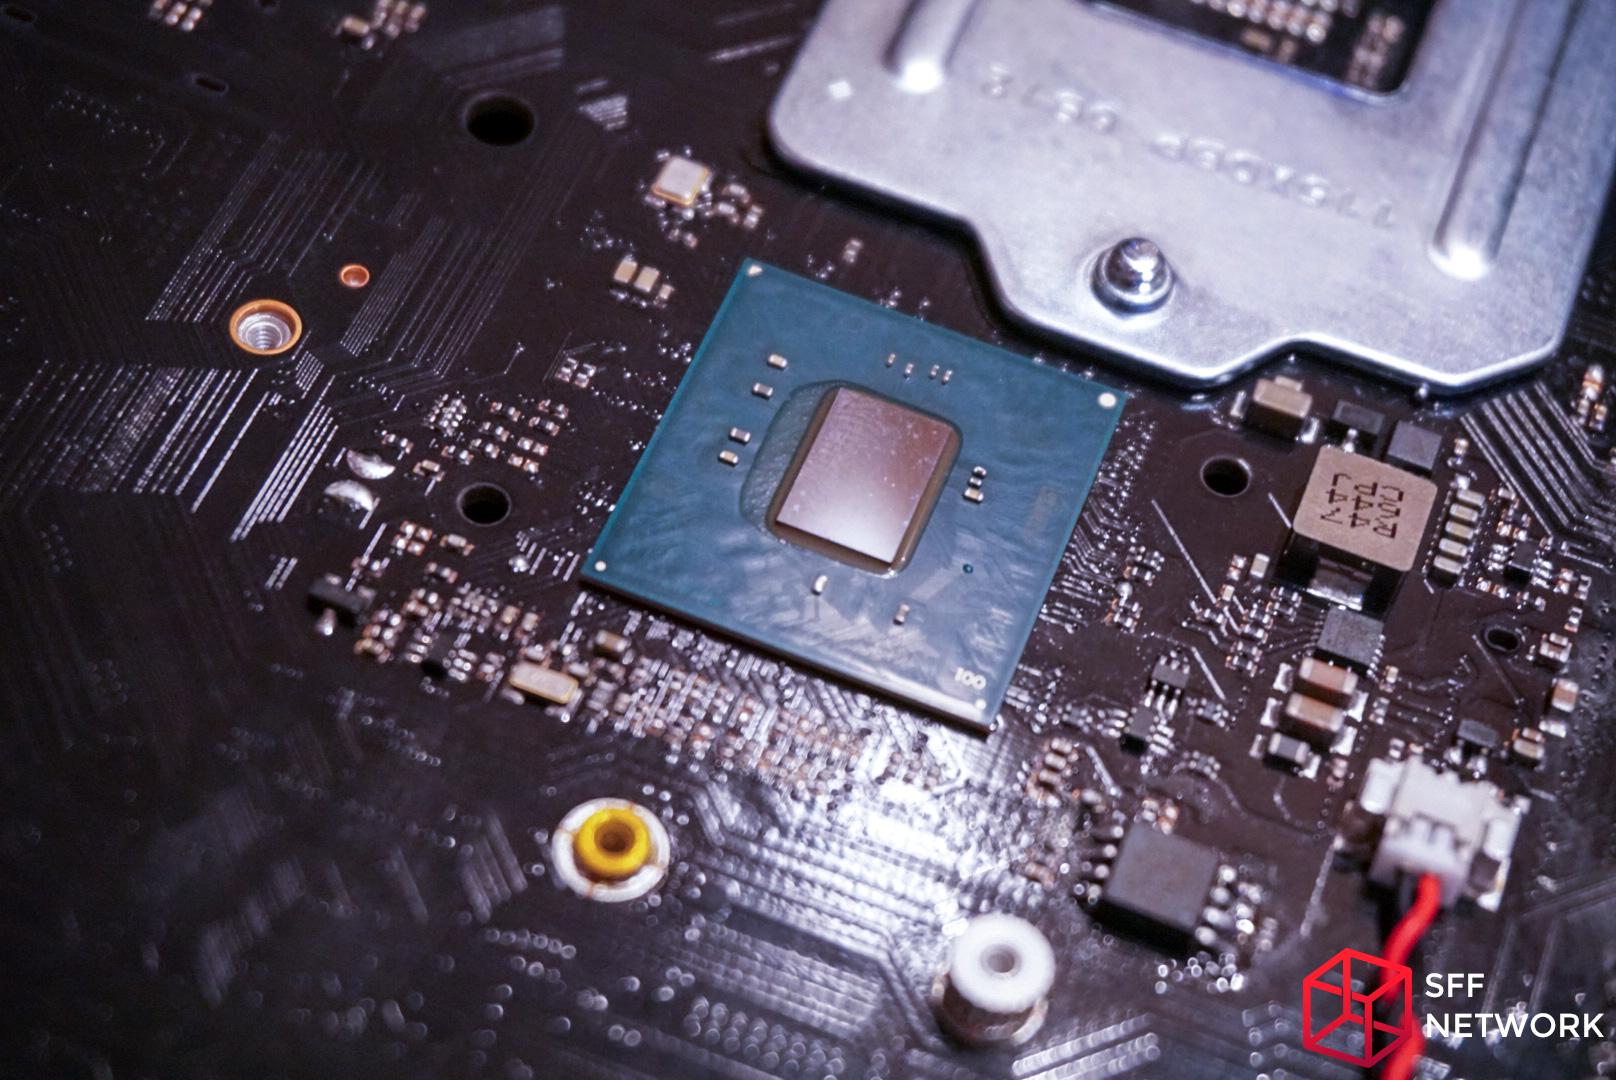 ASRock Z270M-STX MXM chipset